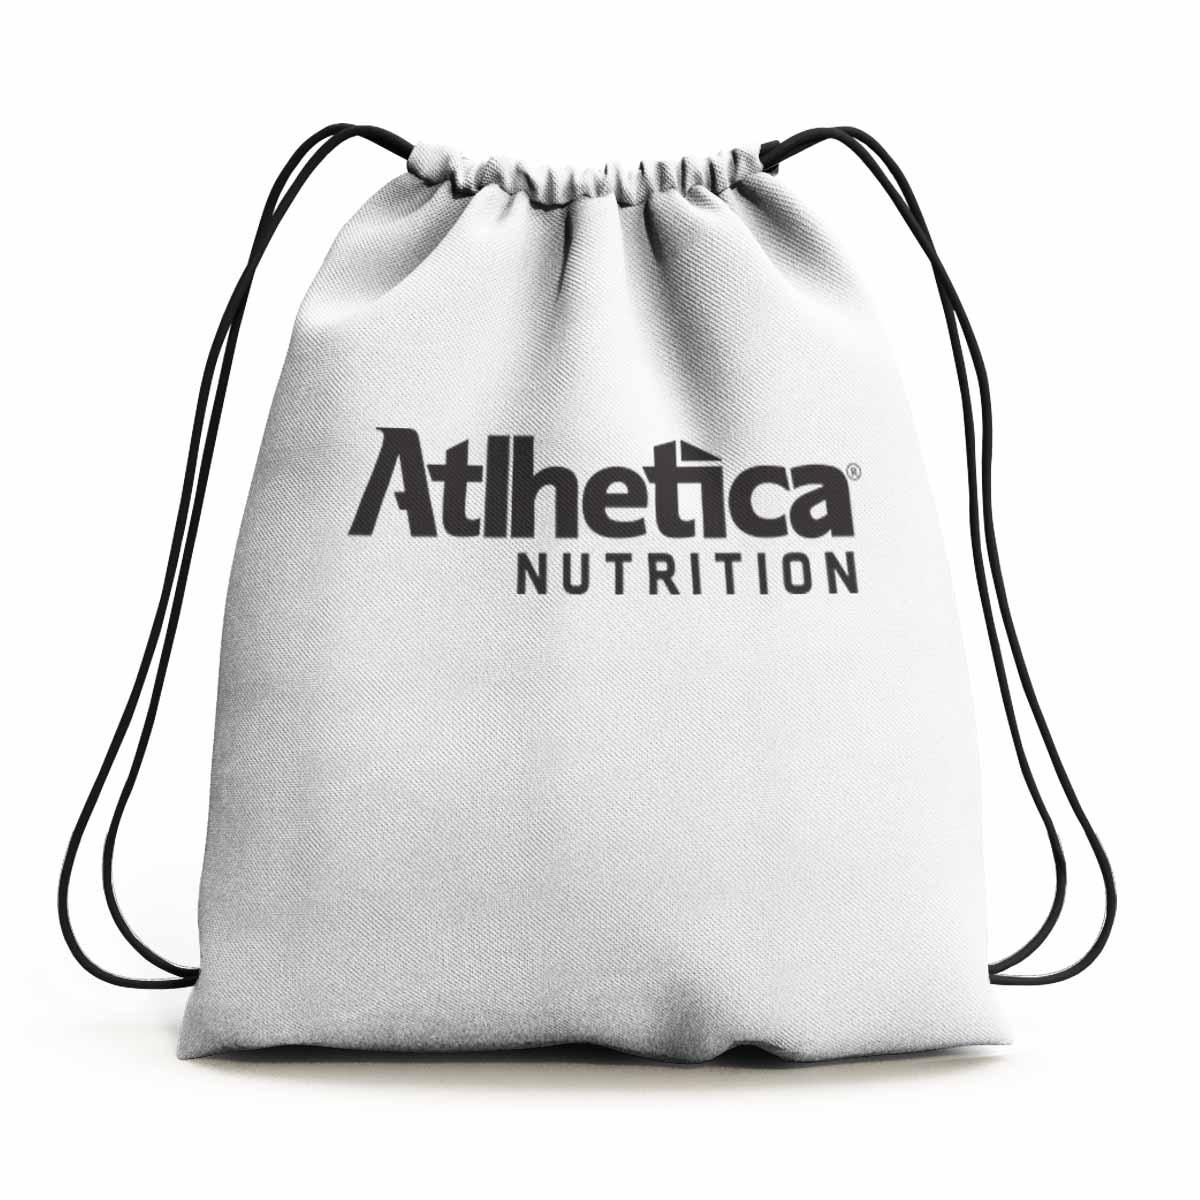 Mochila Impermeável Esportiva Oficial - Atlhetica Nutrition